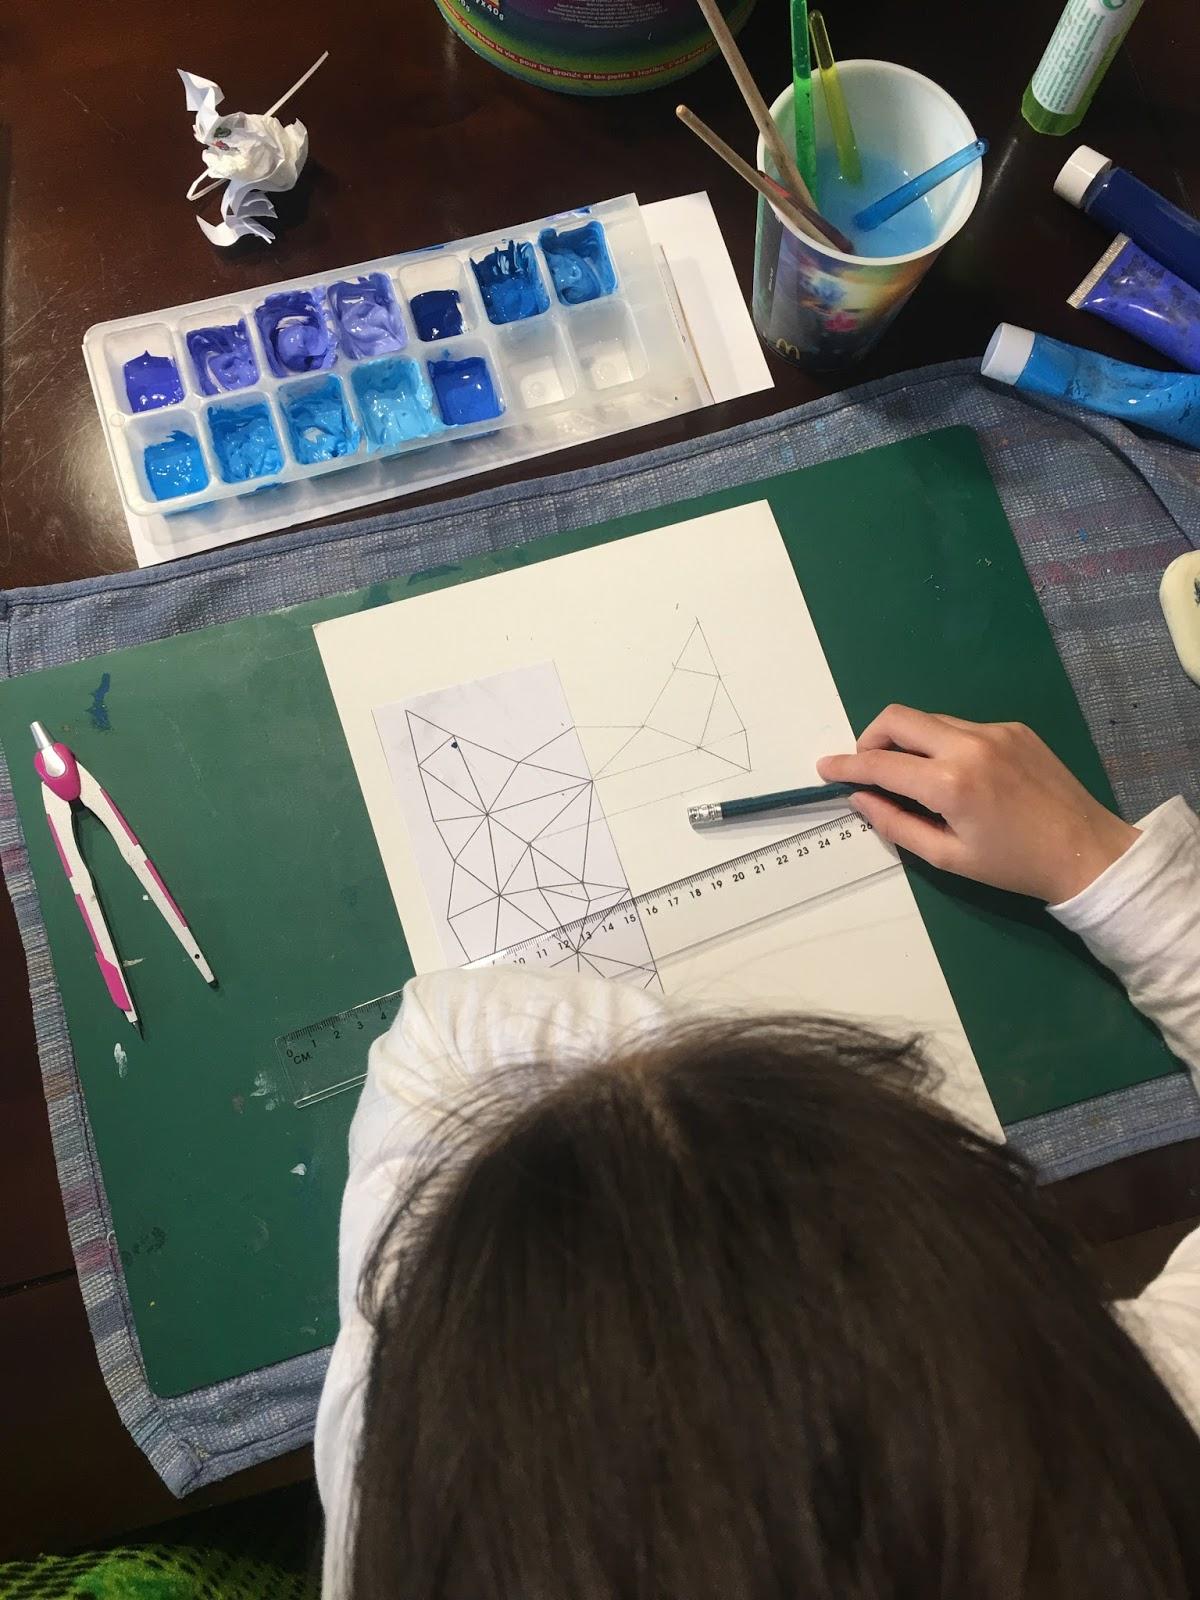 Instruction En Folie: Arts Visuels : Loup Et Symétrie. concernant Arts Visuels Symétrie